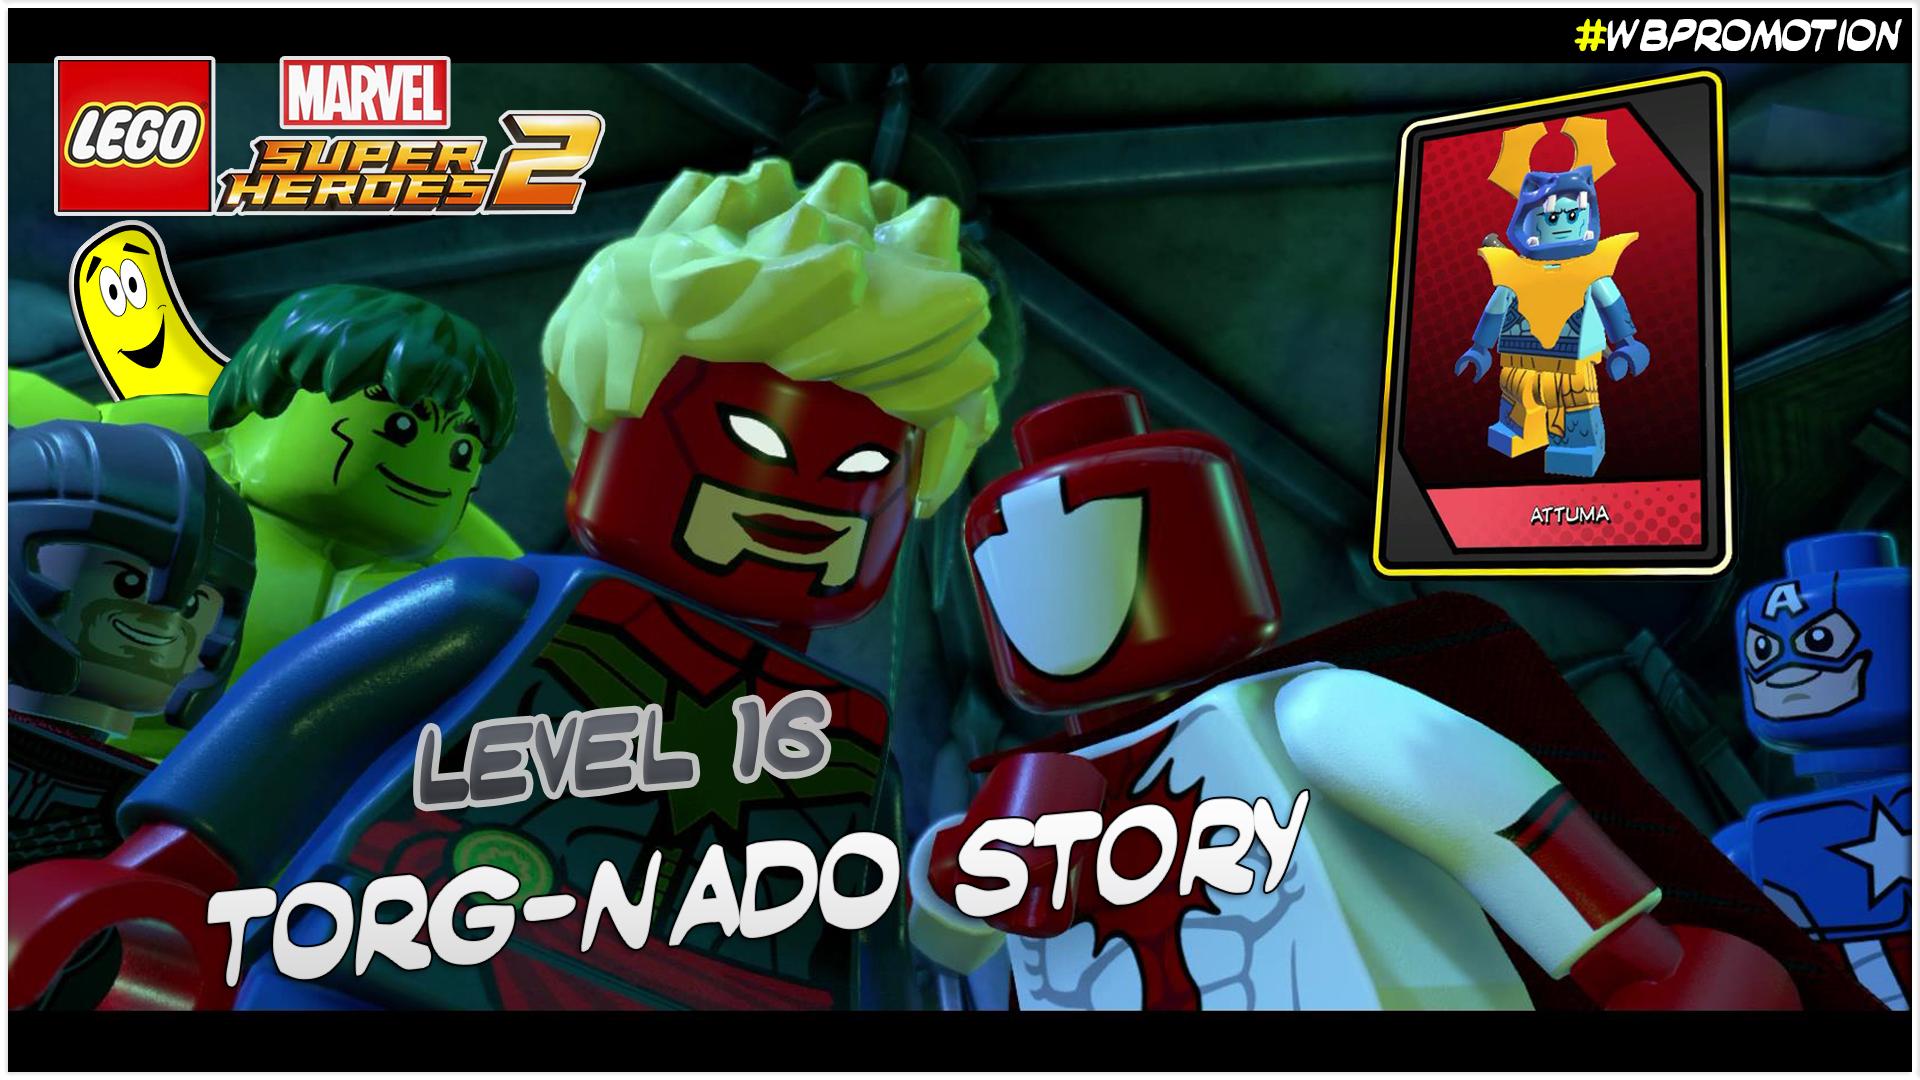 STORY Level 16 Thumb